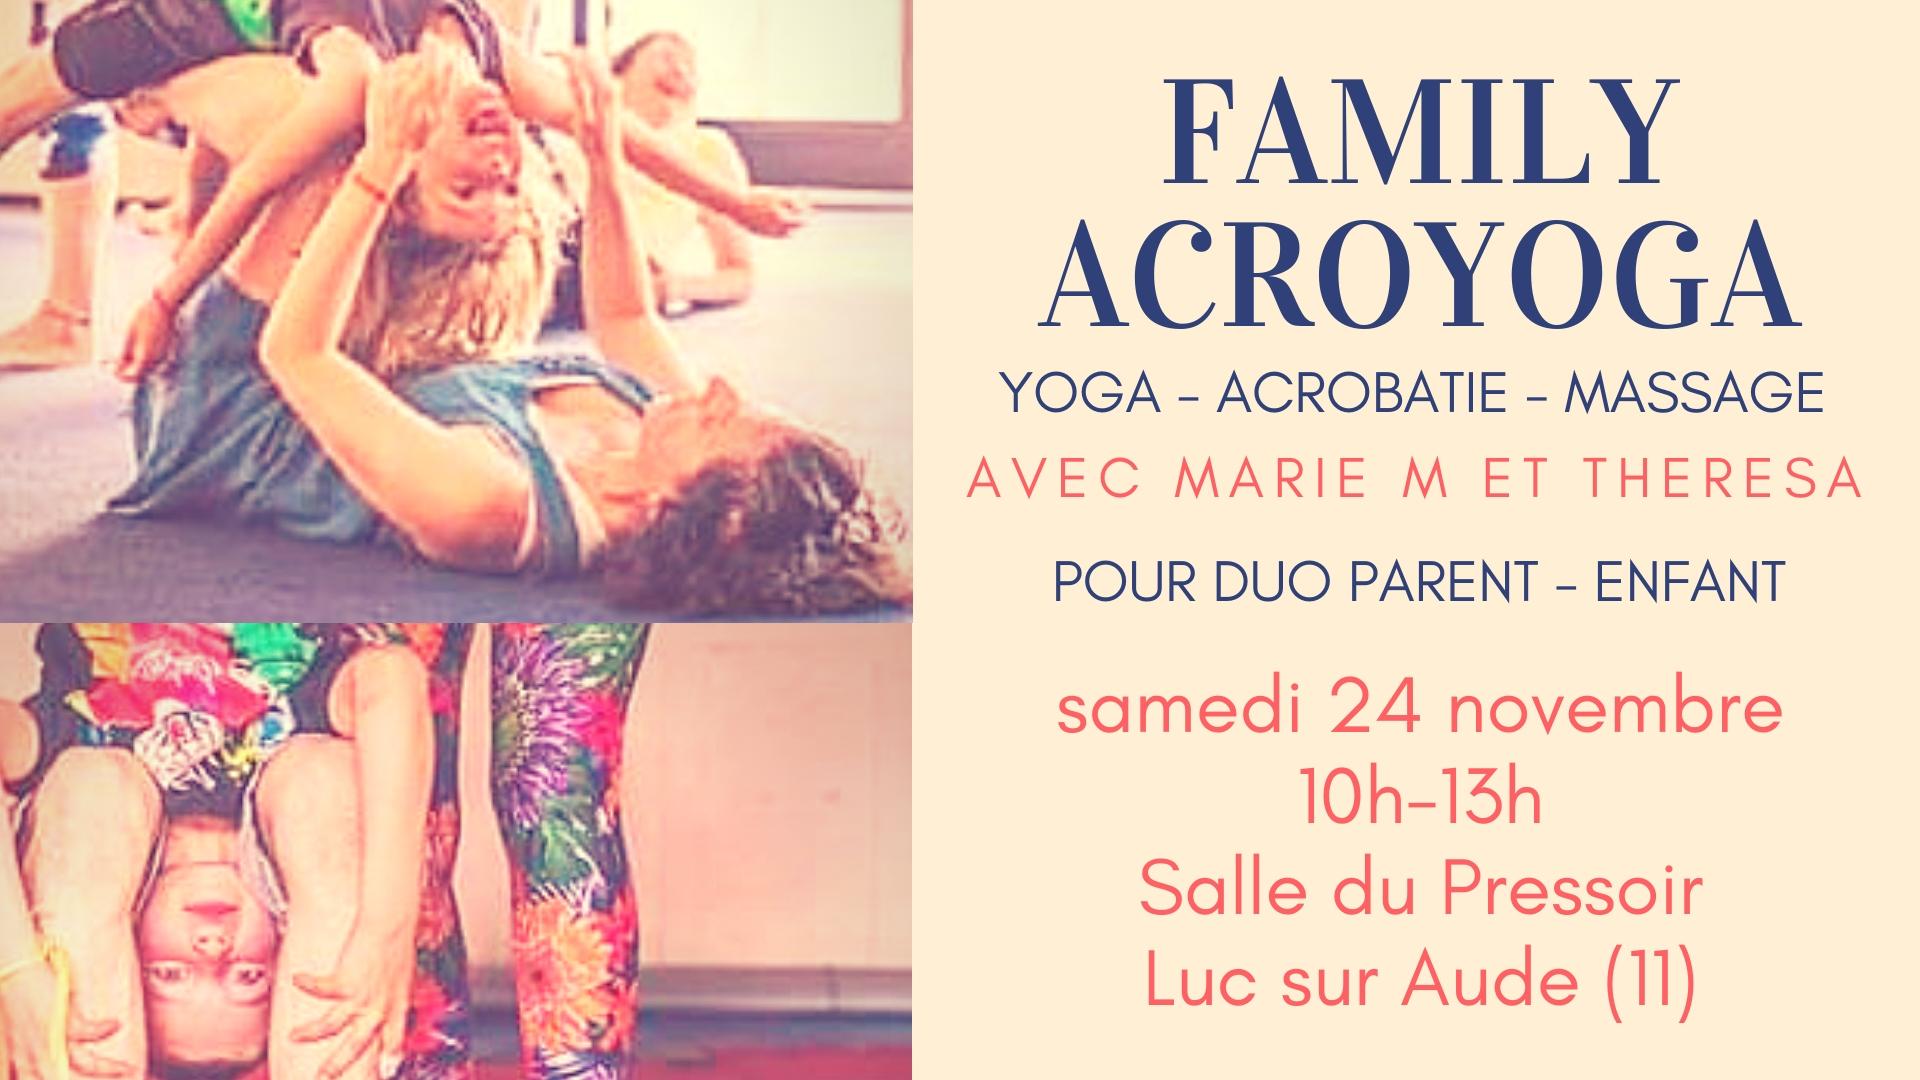 Family Acroyoga 24 nov cv fb